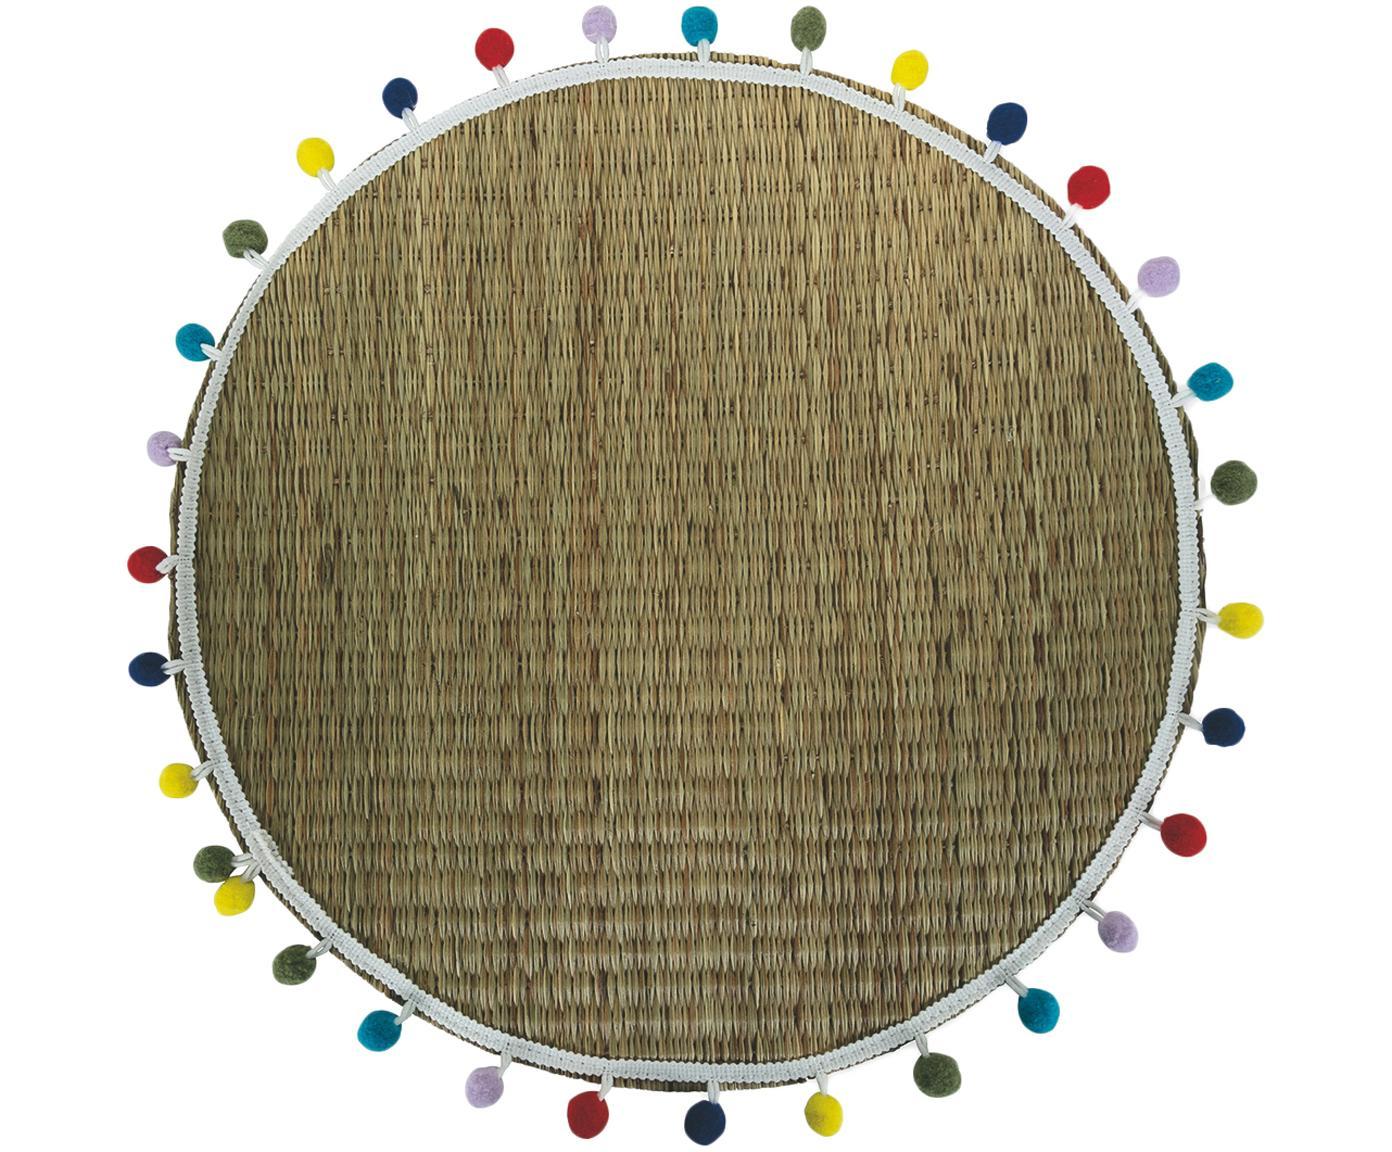 Ronde placemats Mexico me kleurrijke pompons, 2 stuks, Raffia, Beige, multicolour, Ø 38 cm